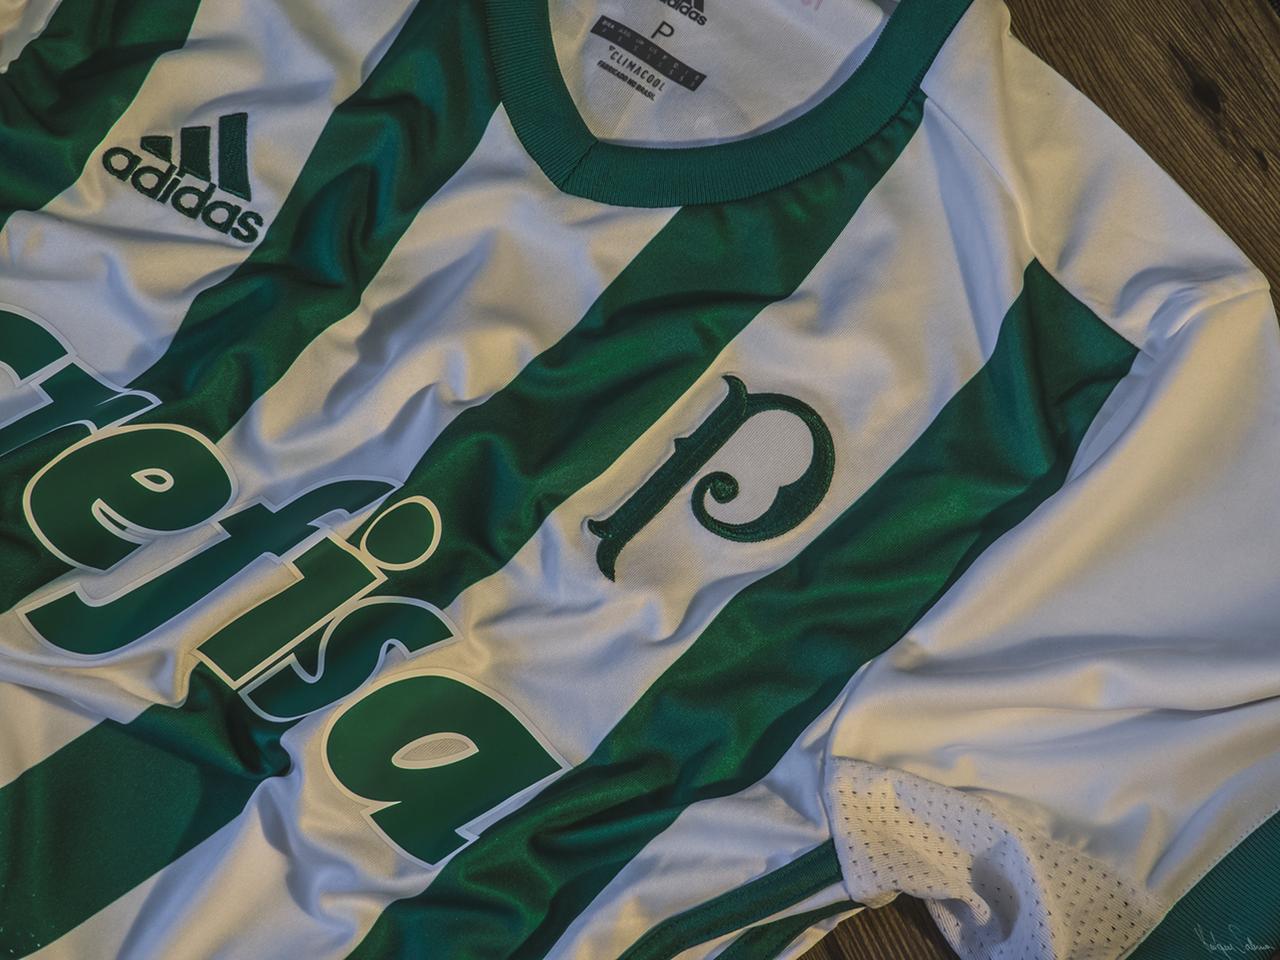 Palmeiras - Camisa 2 - 2017 by Panico747